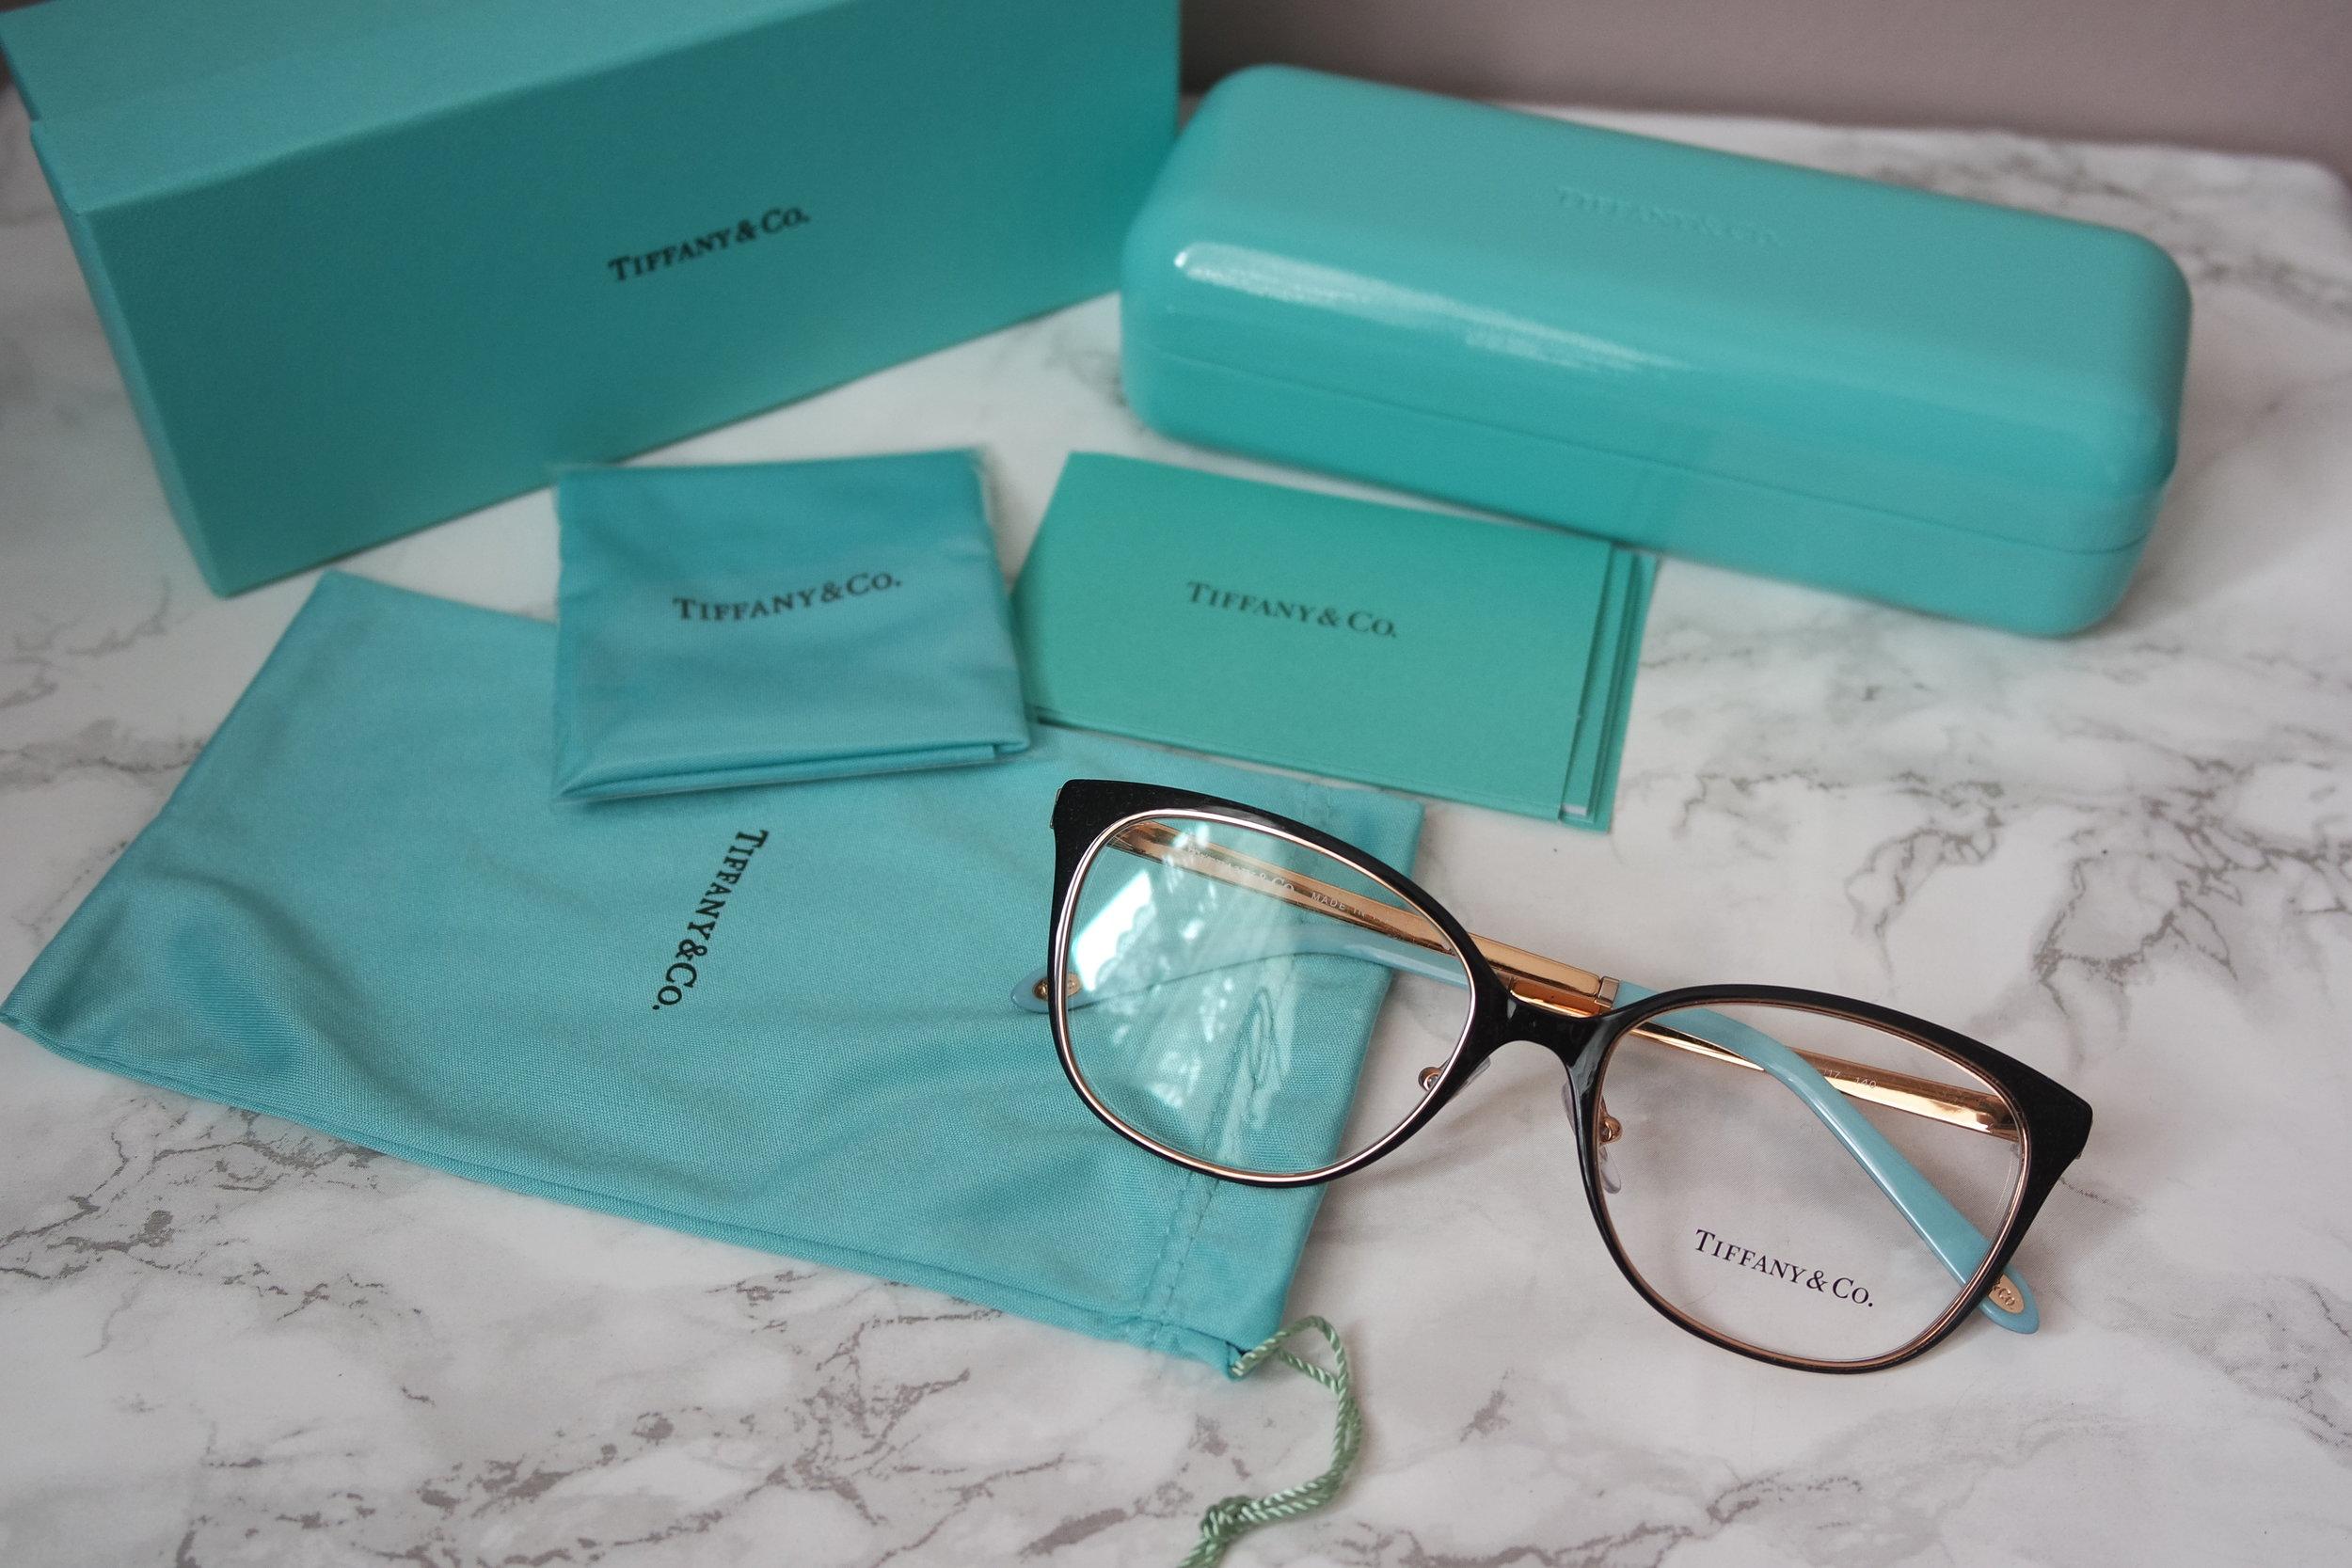 18b9d7bb6e14 Tiffany Co TF1130 Black Oversized Gold Metal Eyeglasses Frames. SAM 2851.JPG